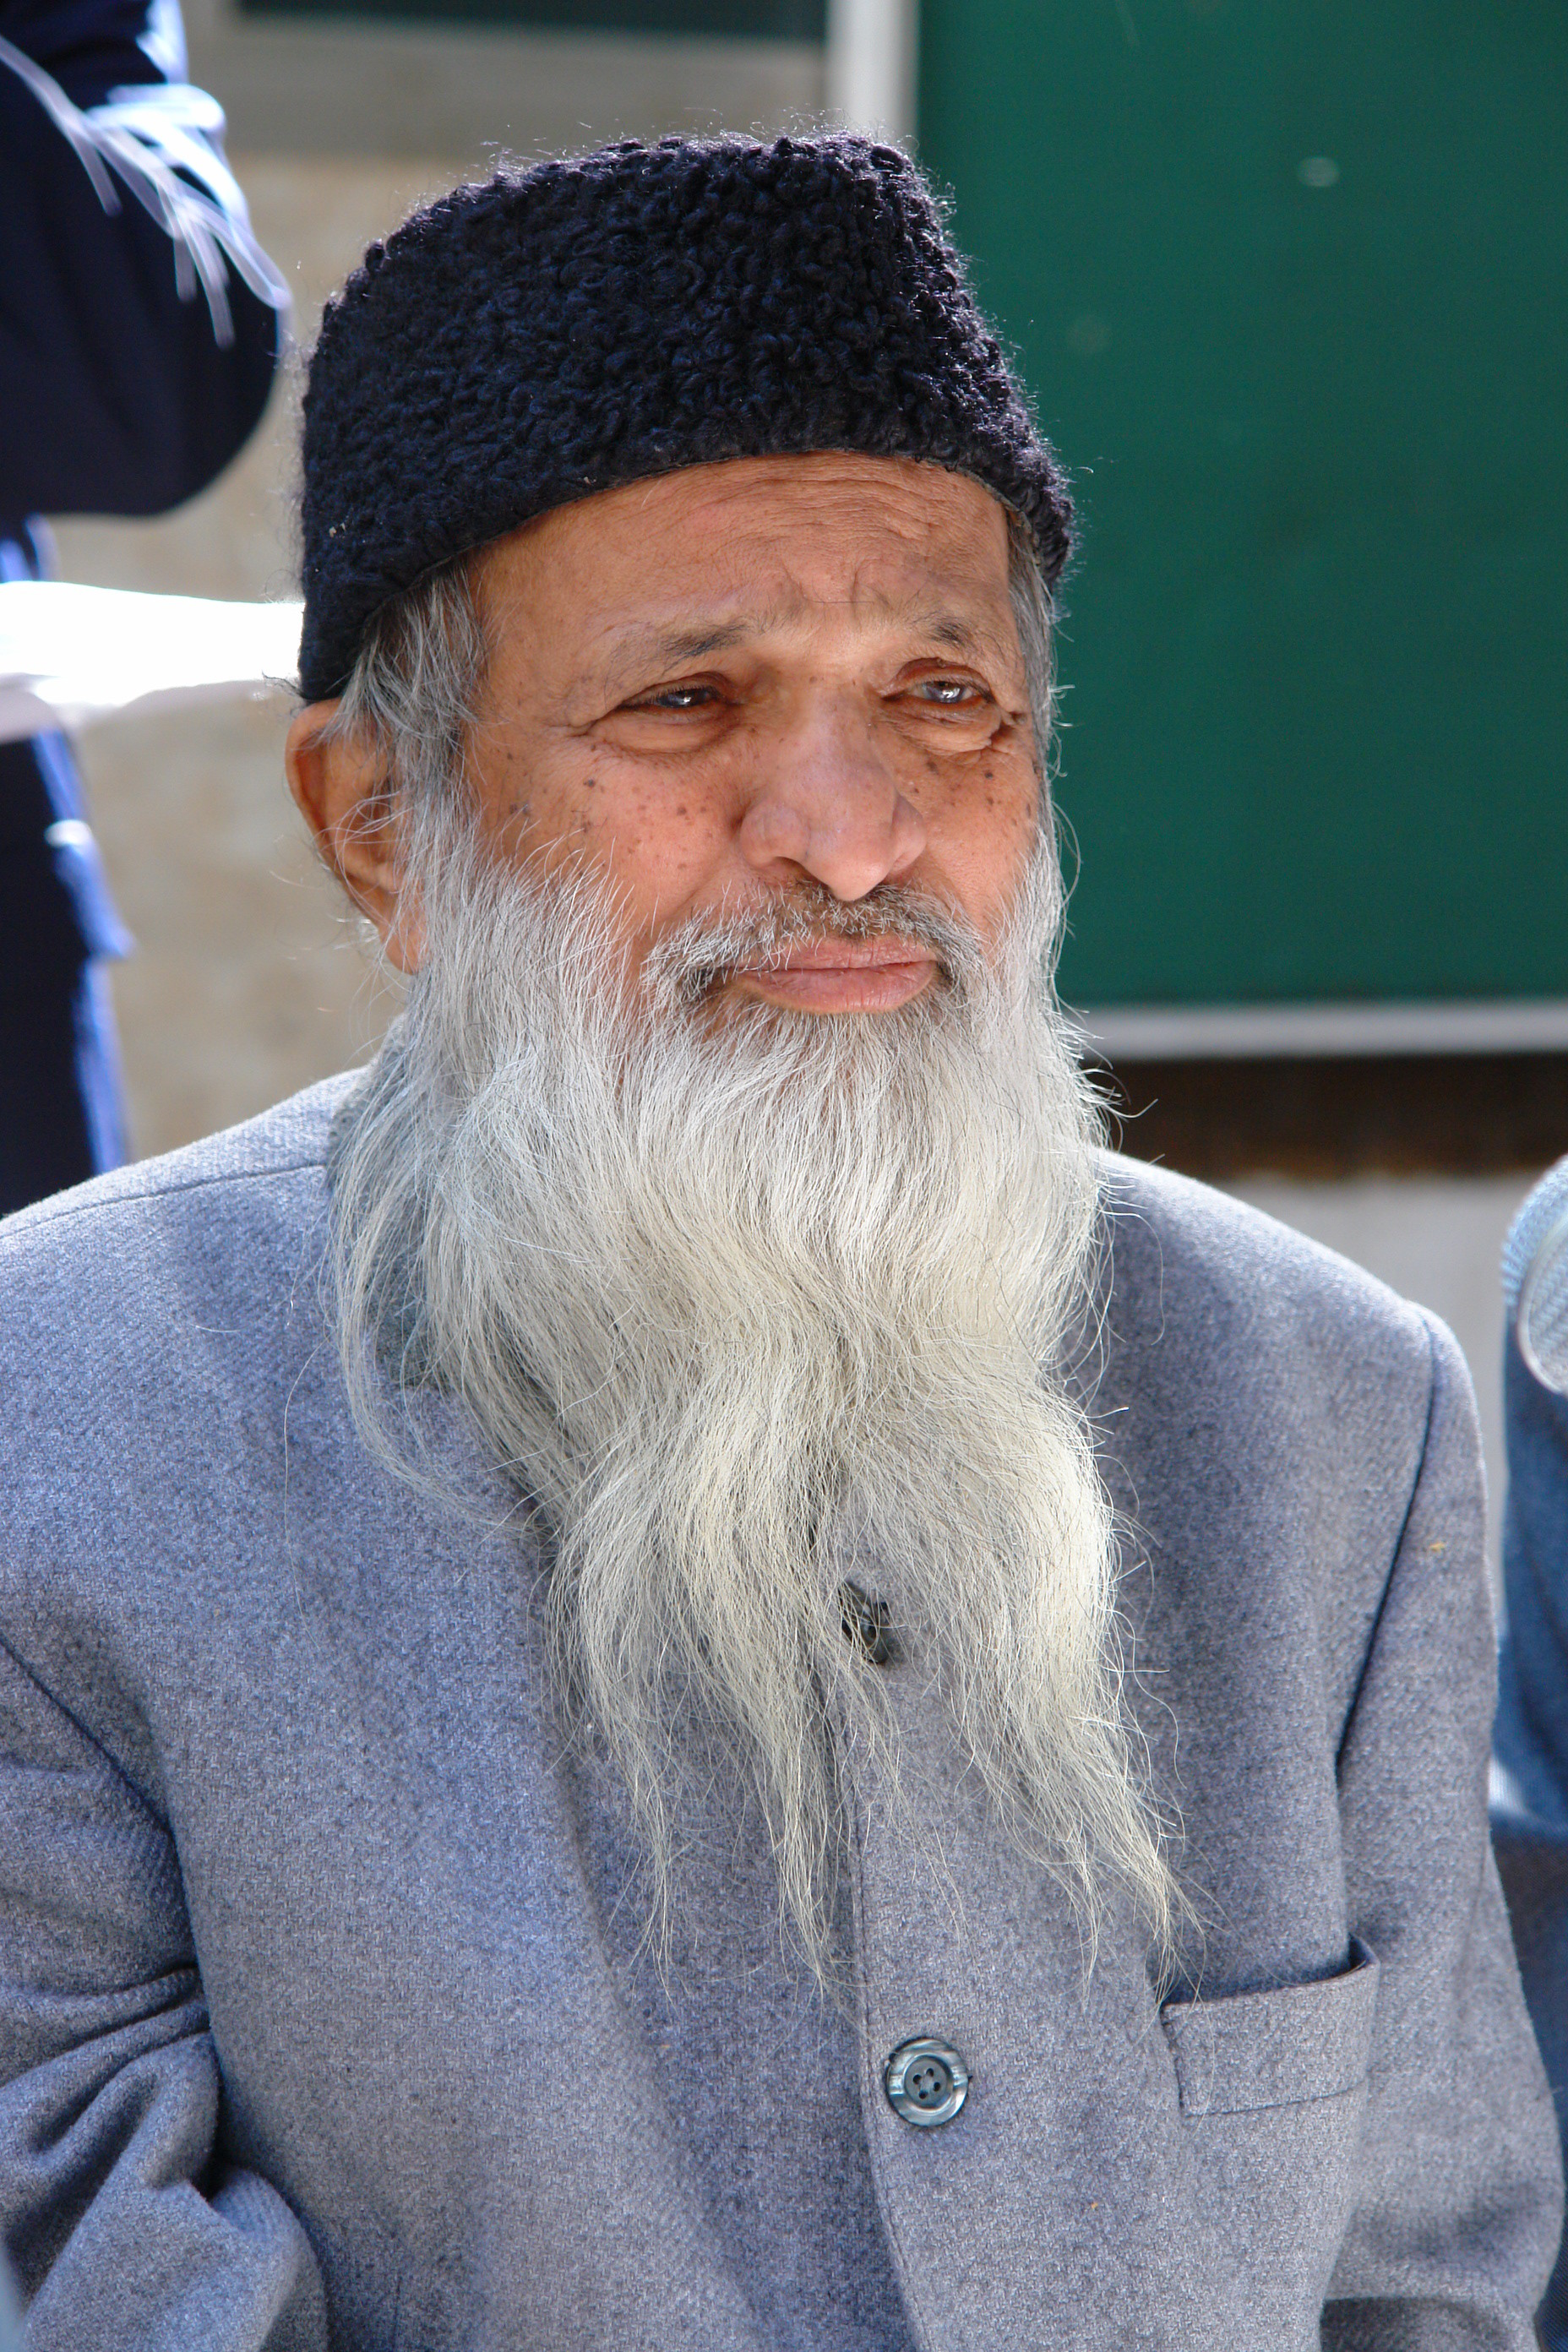 De van oorsprong Indiase Abdul Sattar Edhi was filantroop, asceet en humanist en richtte in 1951 de Edhi Stichting op, die ziekenhuizen, rehabcentra, daklozenhuisvestingen, weeshuizen en een ambulancedienst beheert. – © Wikipedia